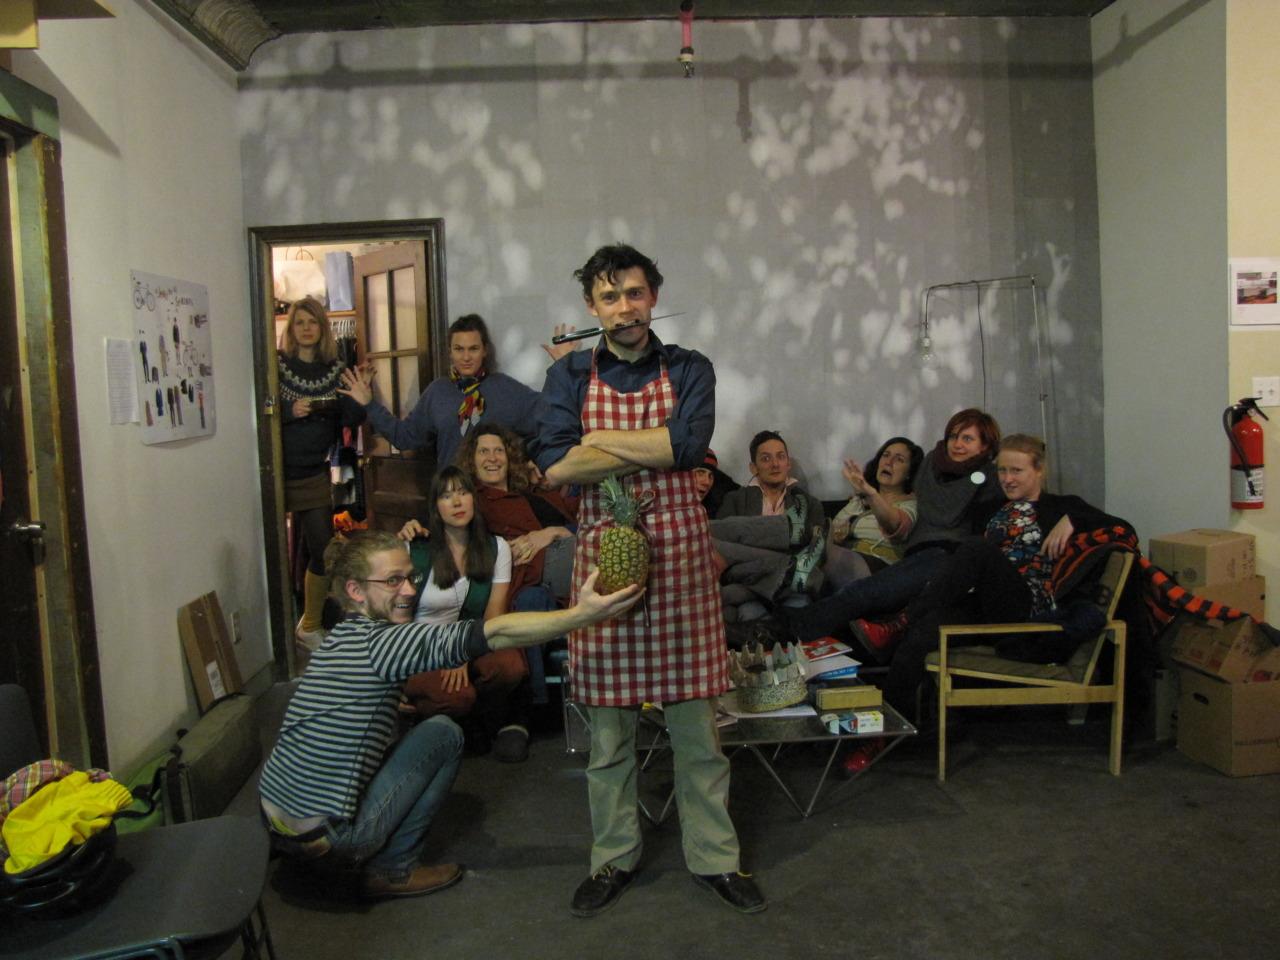 Flux Factory. 01.17.2011